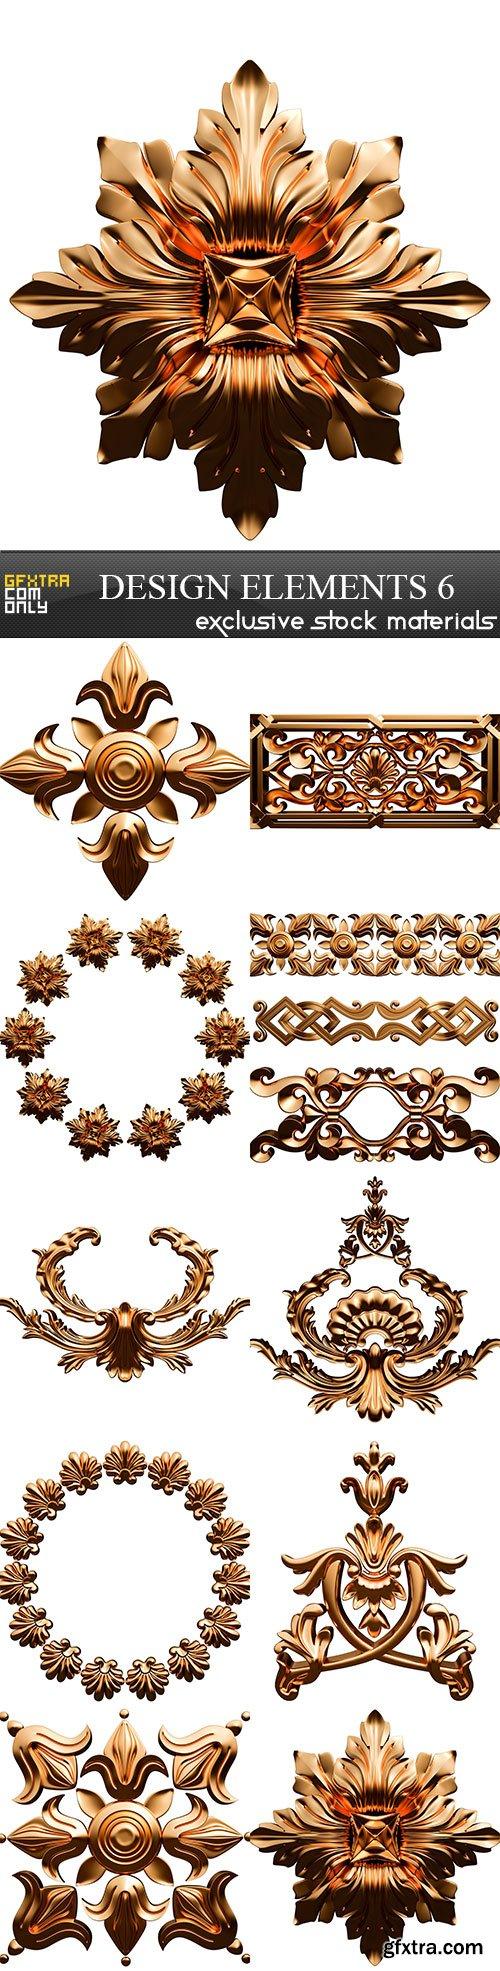 Design elements 6, 10 x UHQ JPEG